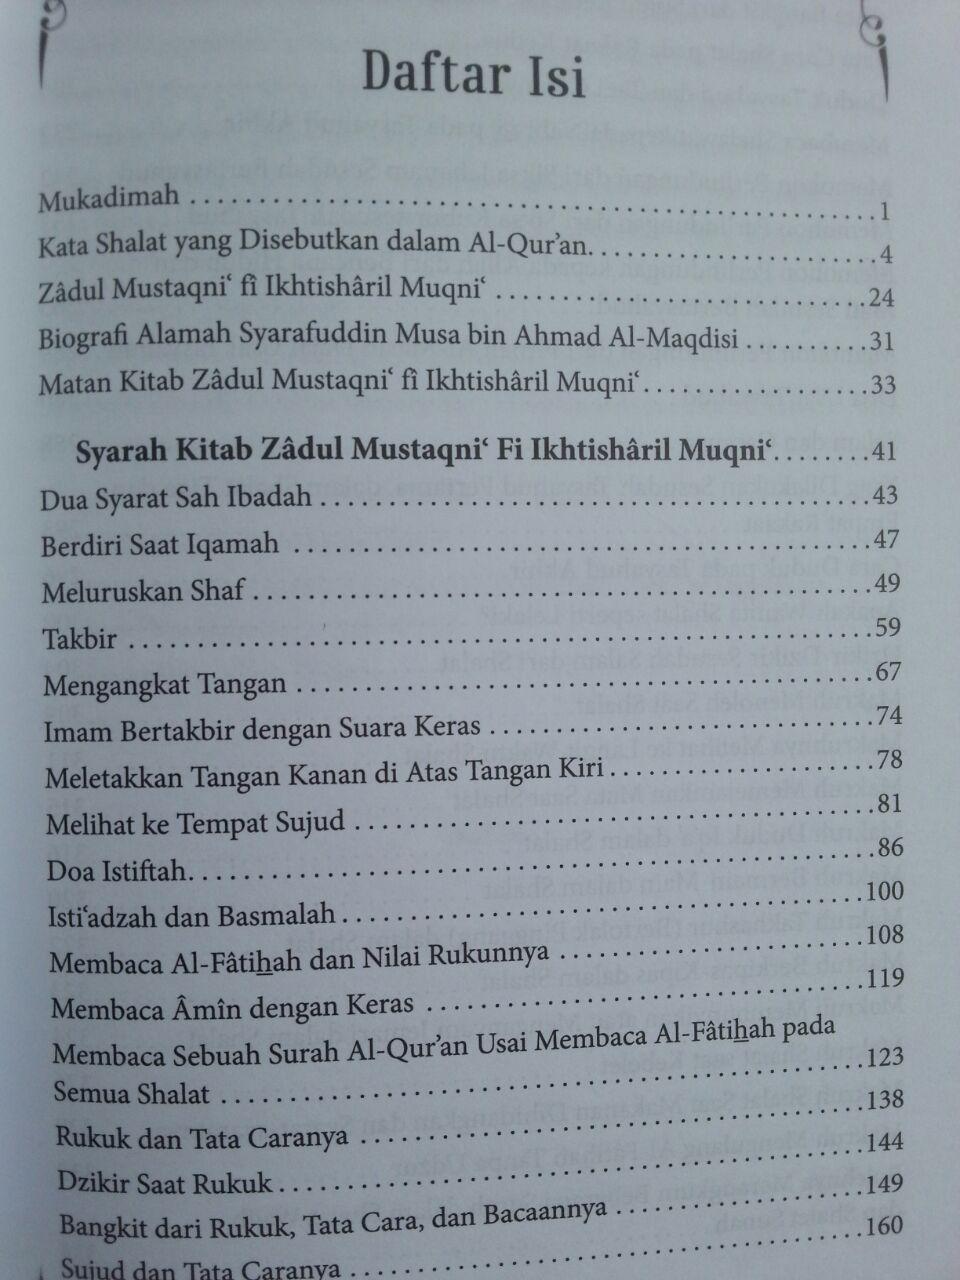 Buku Sifat Shalat Nabi Oleh Syaikh Utsaimin isi